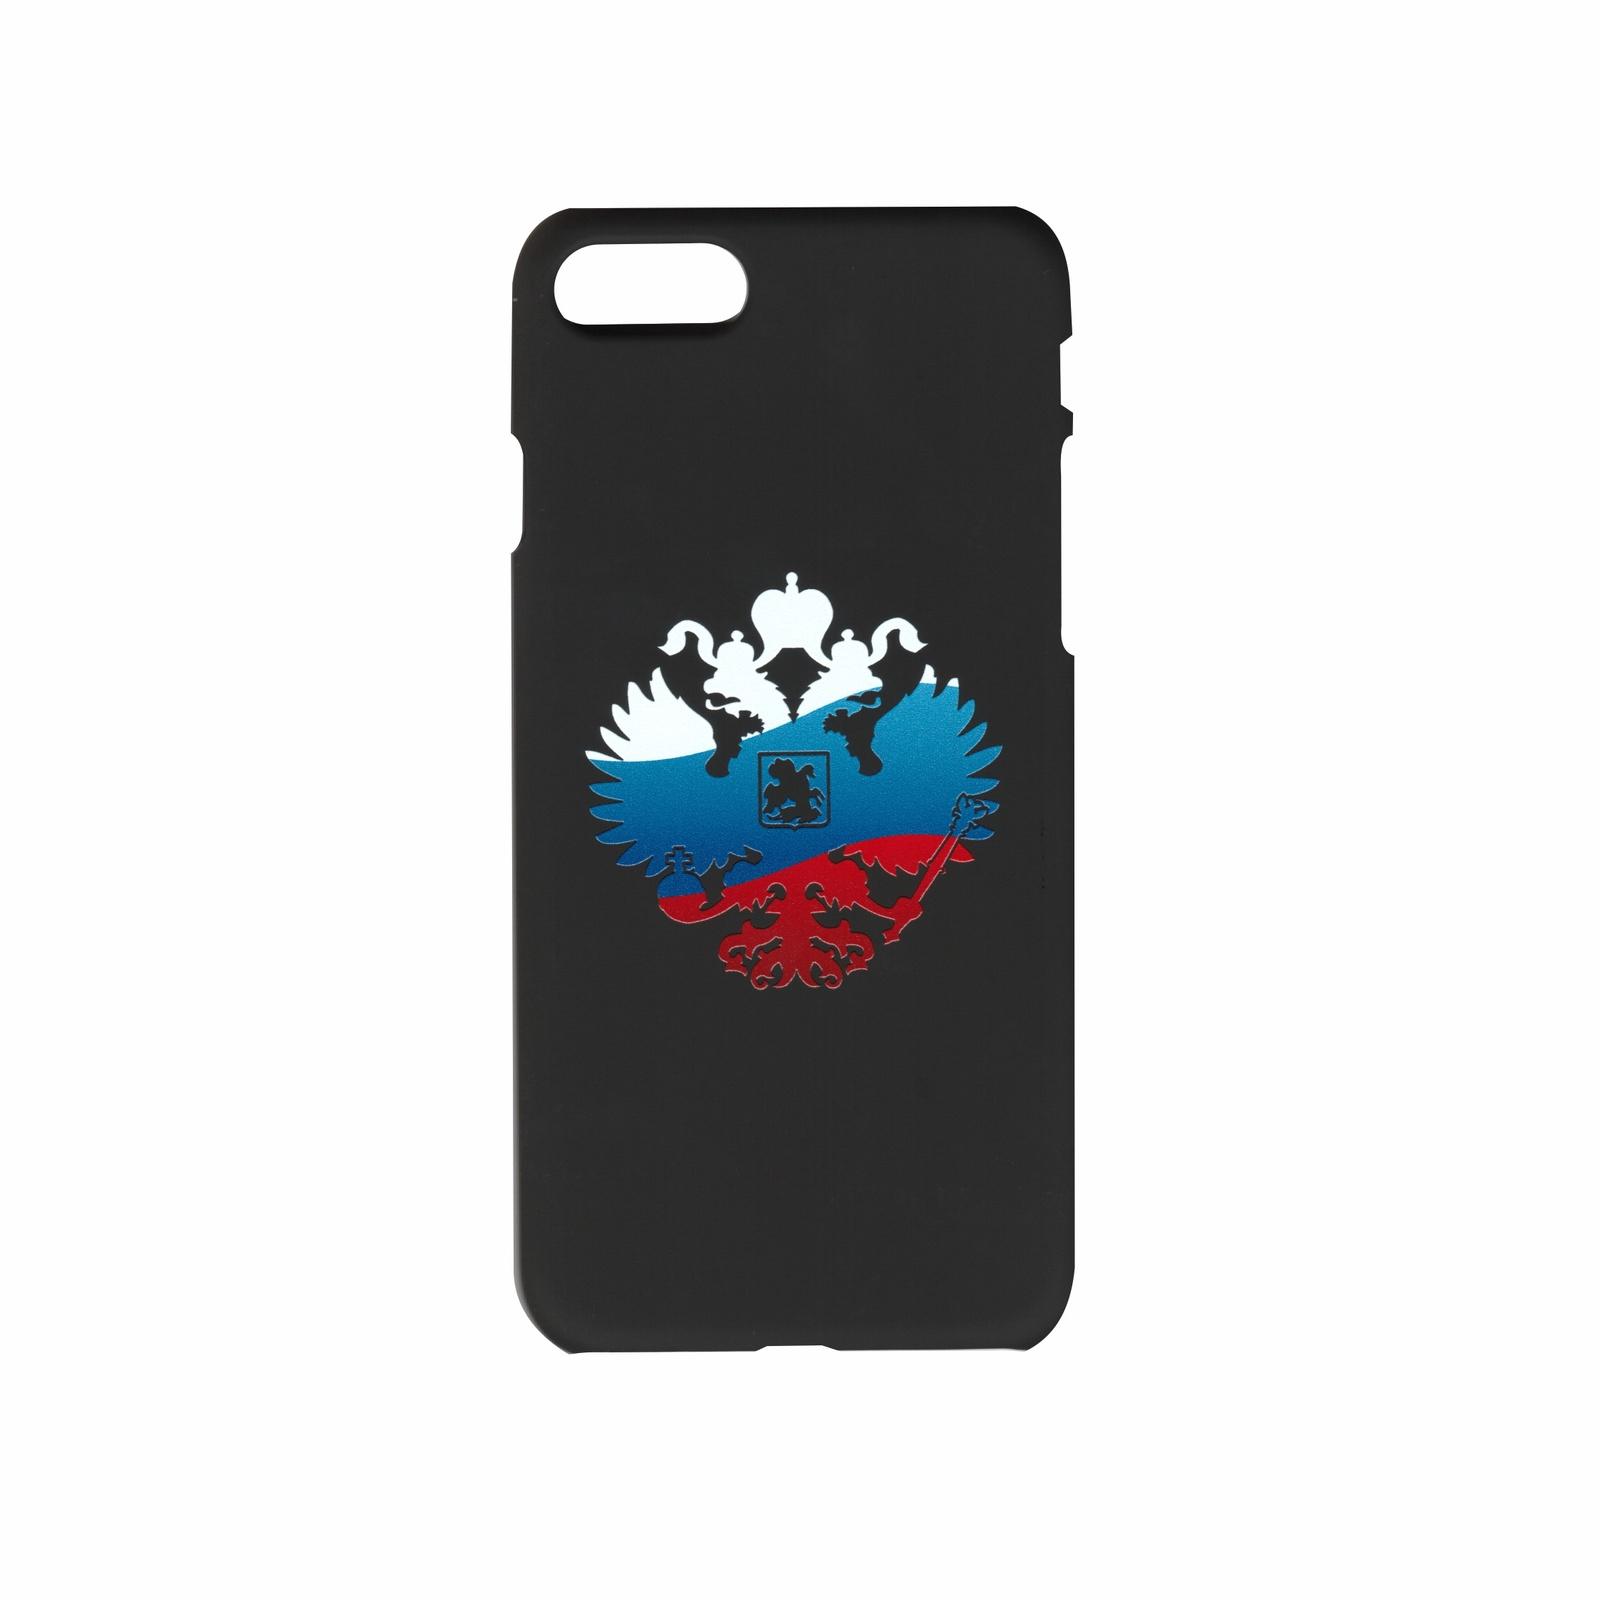 Чехол для сотового телефона IQ Format пластиковый для iPhone 7 и 8, Символика, белый, красный, синий, черный чехол накладка dbramante1928 london для iphone 8 7 6s 6 материал натуральная кожа пластик цвет черный